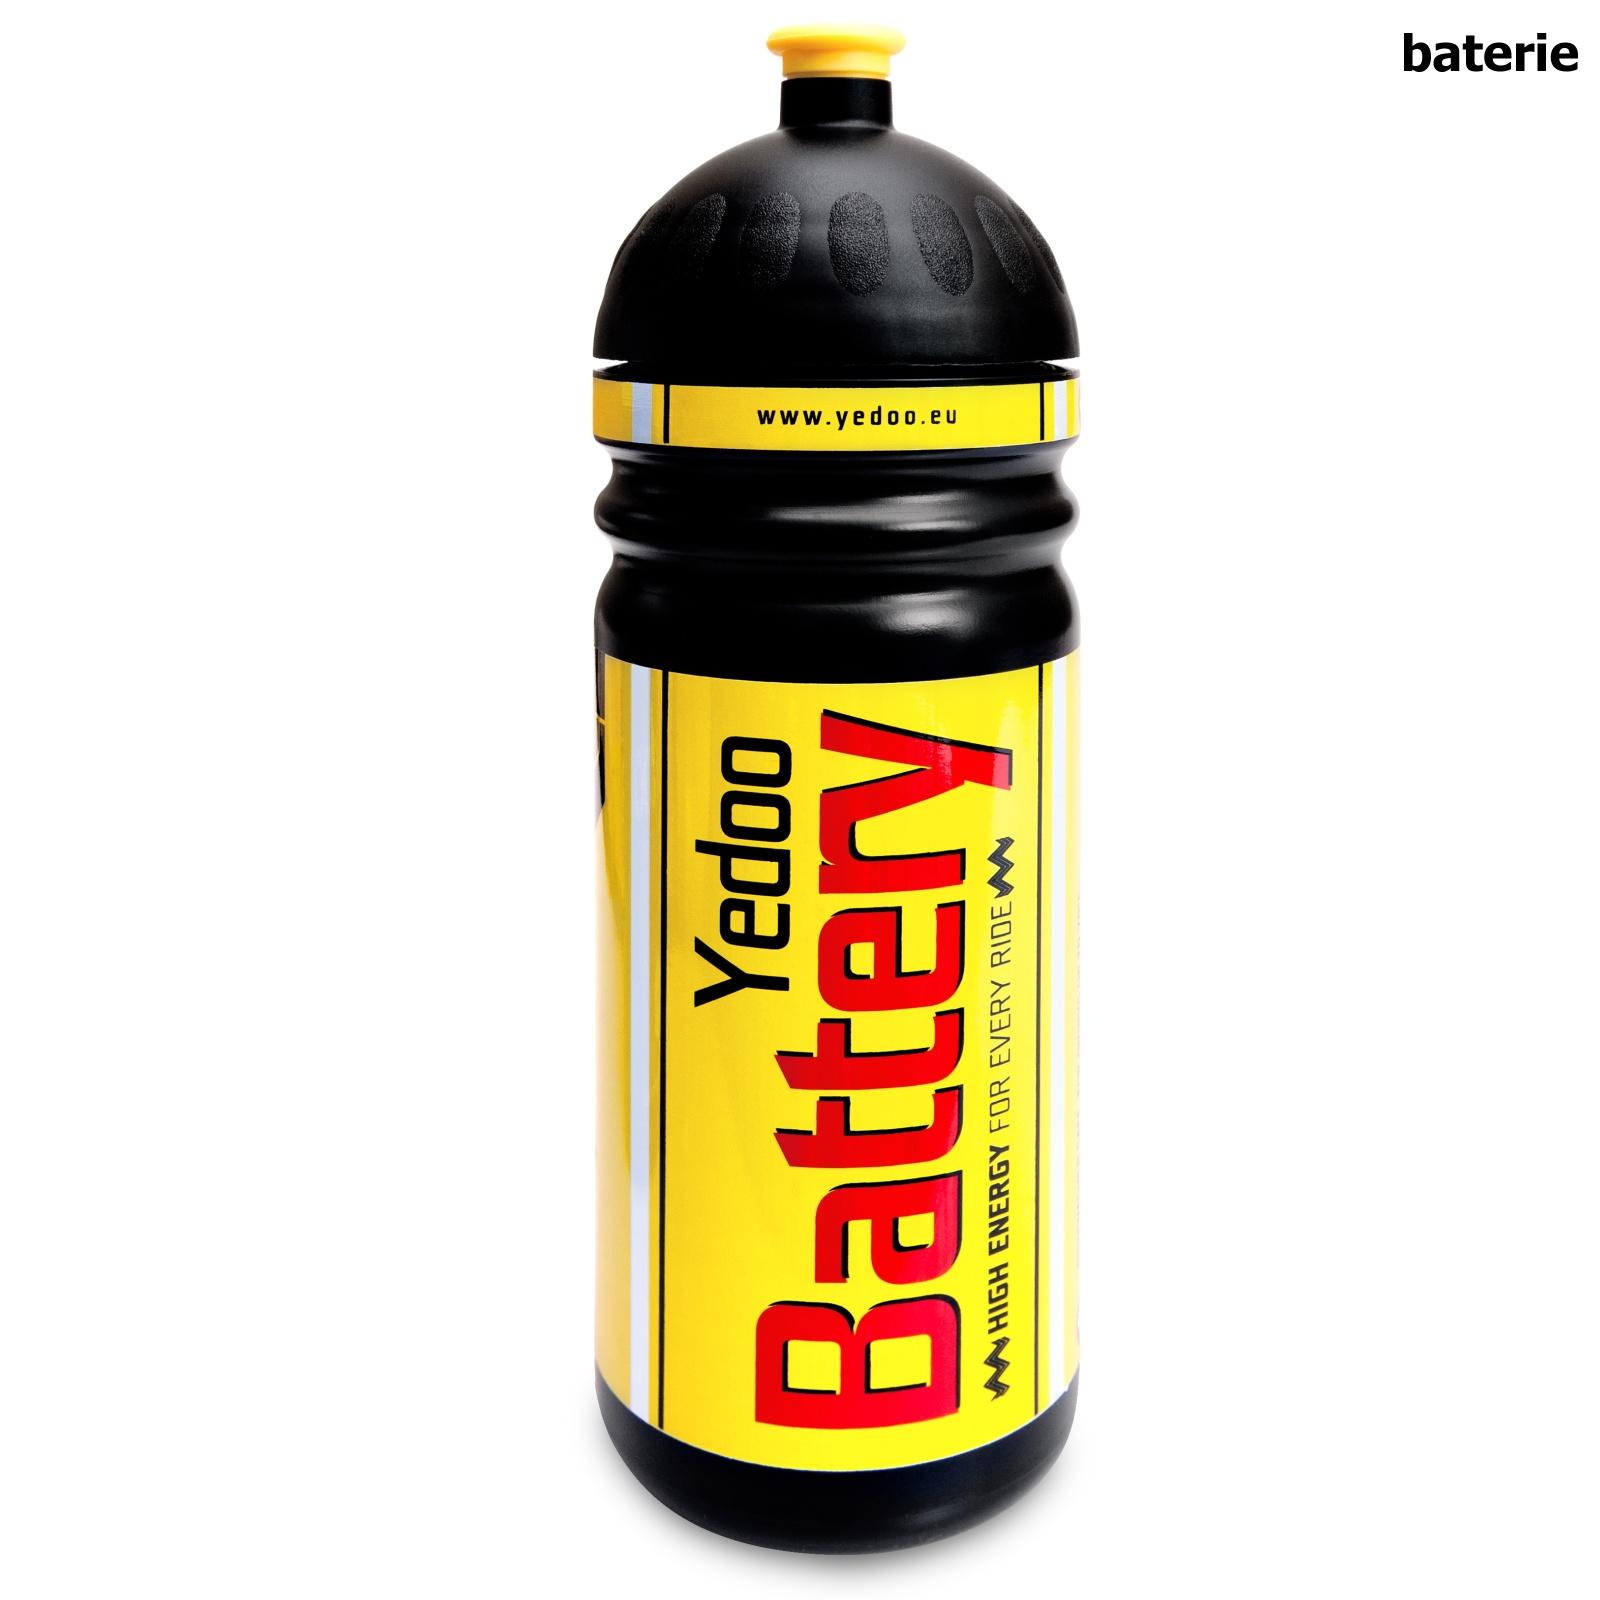 Zdravá láhev YEDOO 0,7l - baterie